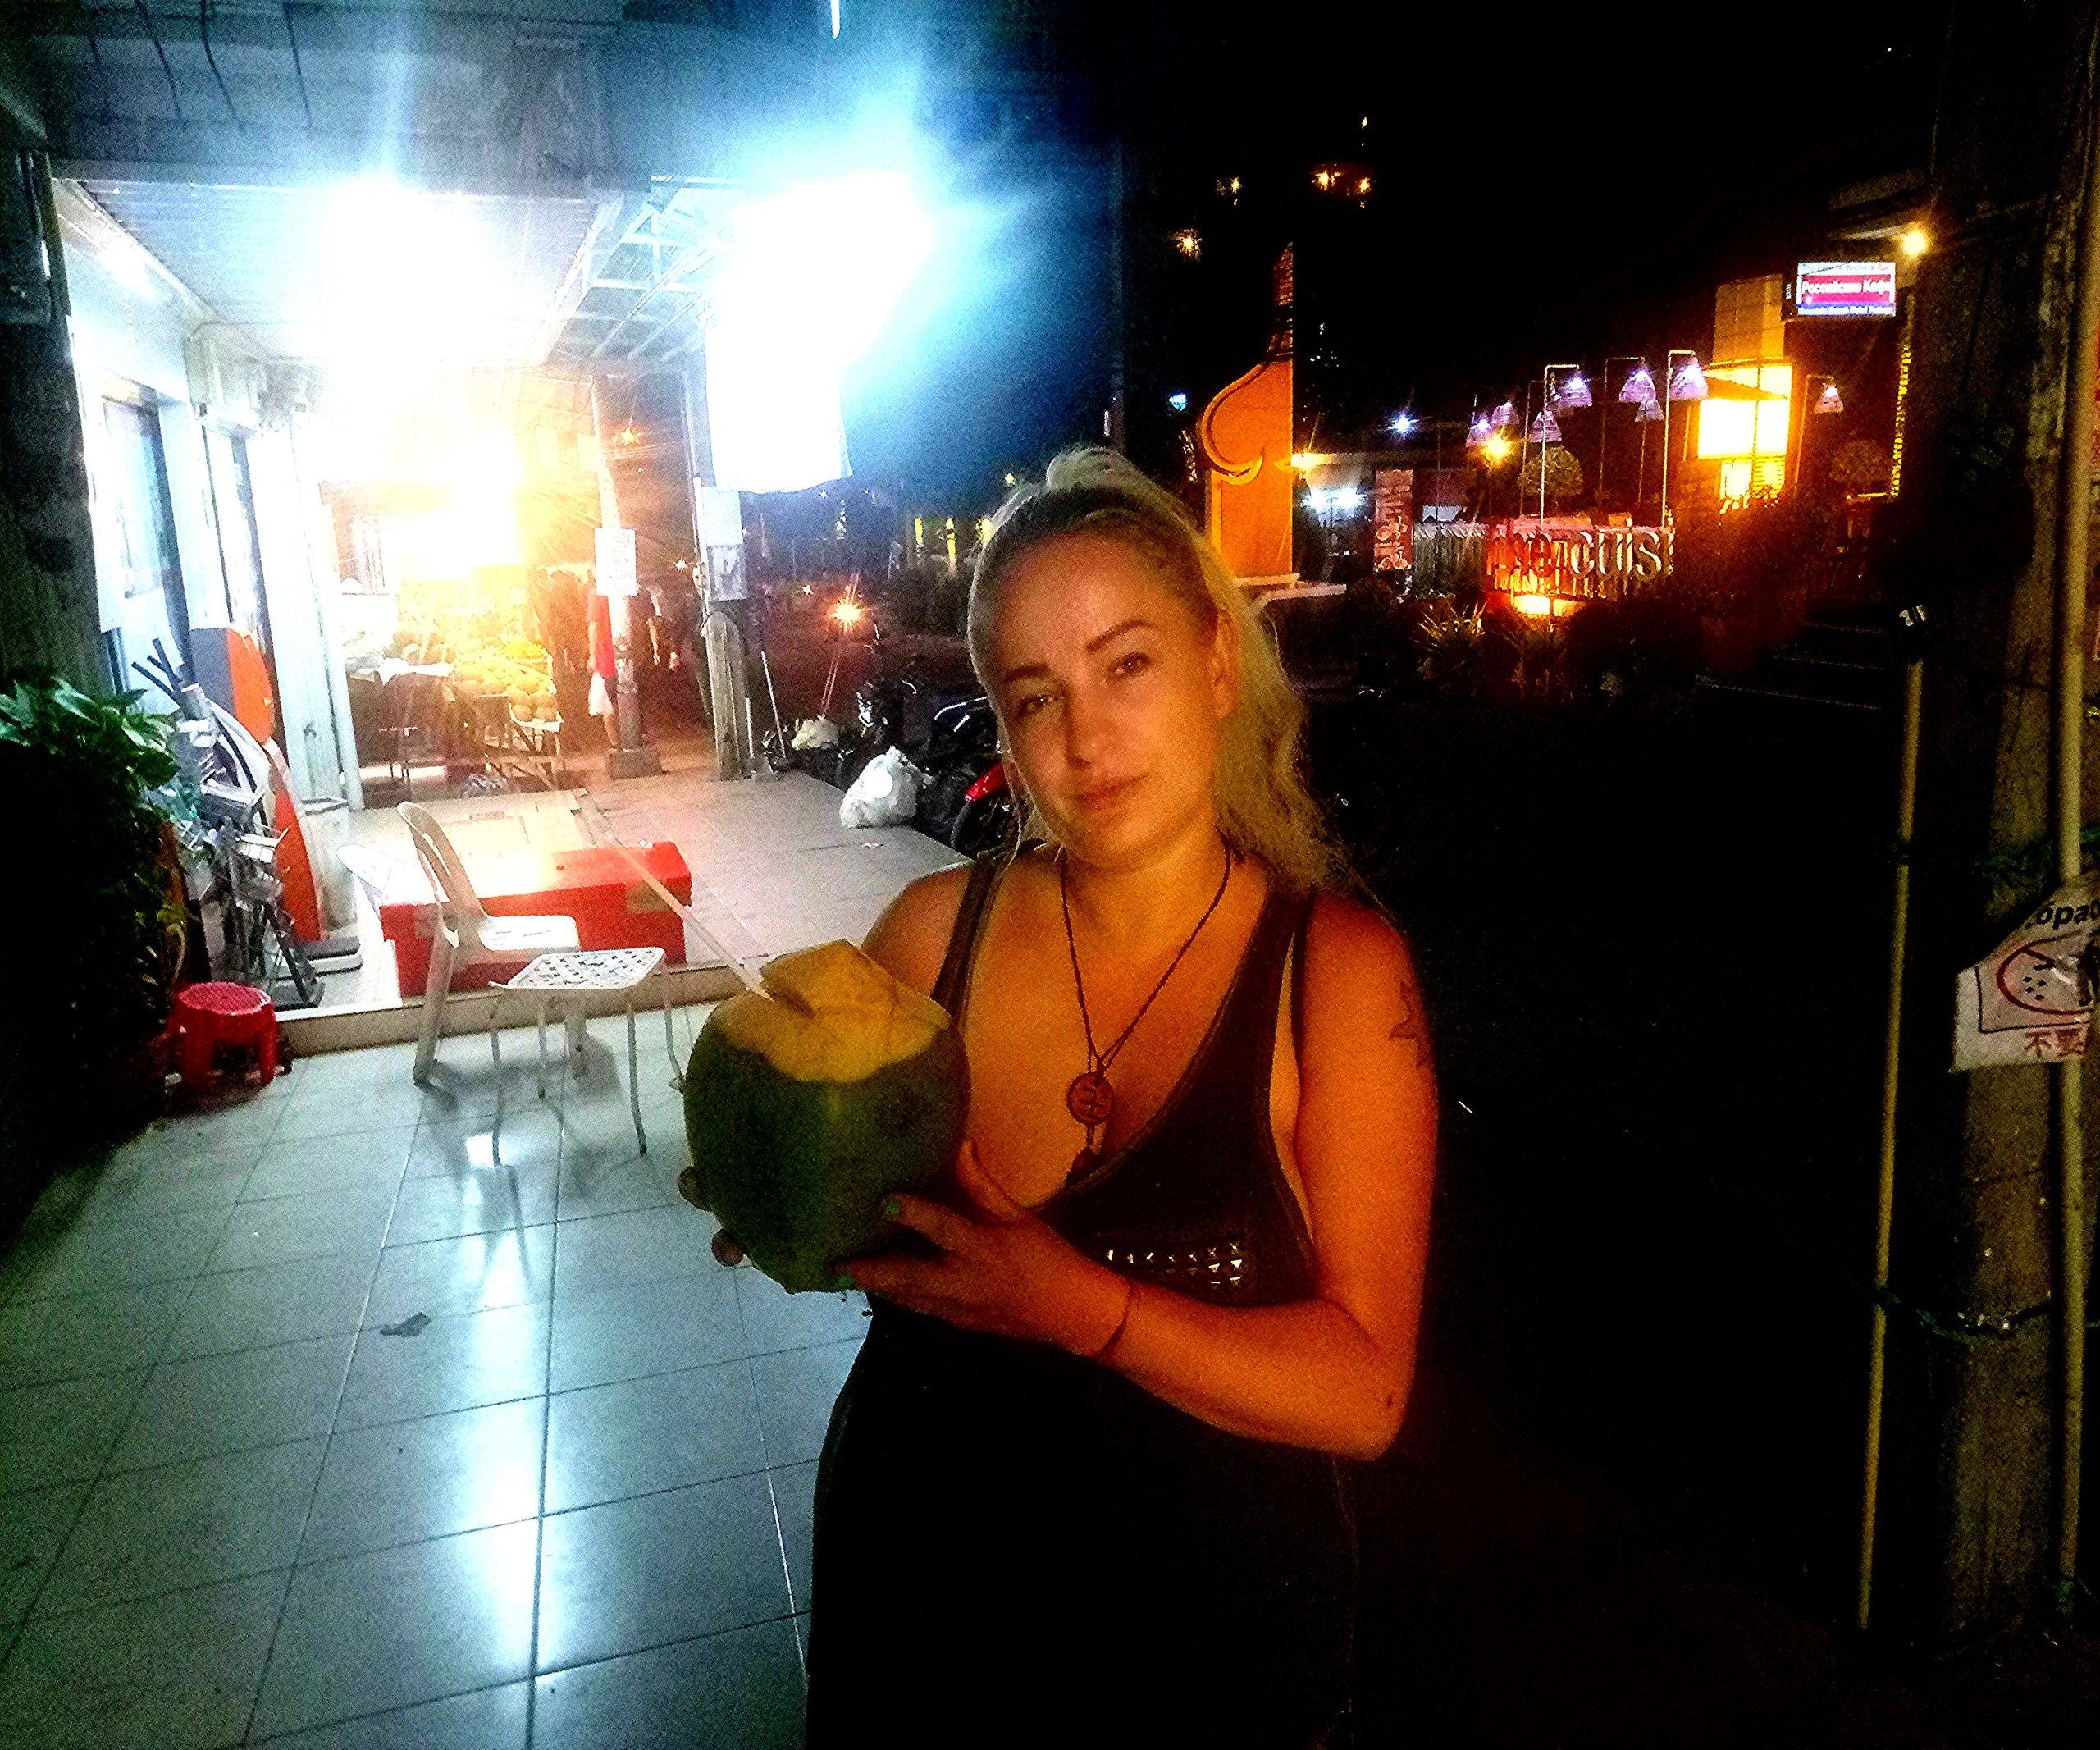 пляж - Елена Руденко (Валтея). Таиланд.  Фото и видео, а также мои впечатления, отзывы, советы и т.д. J-NUaqBxIIc